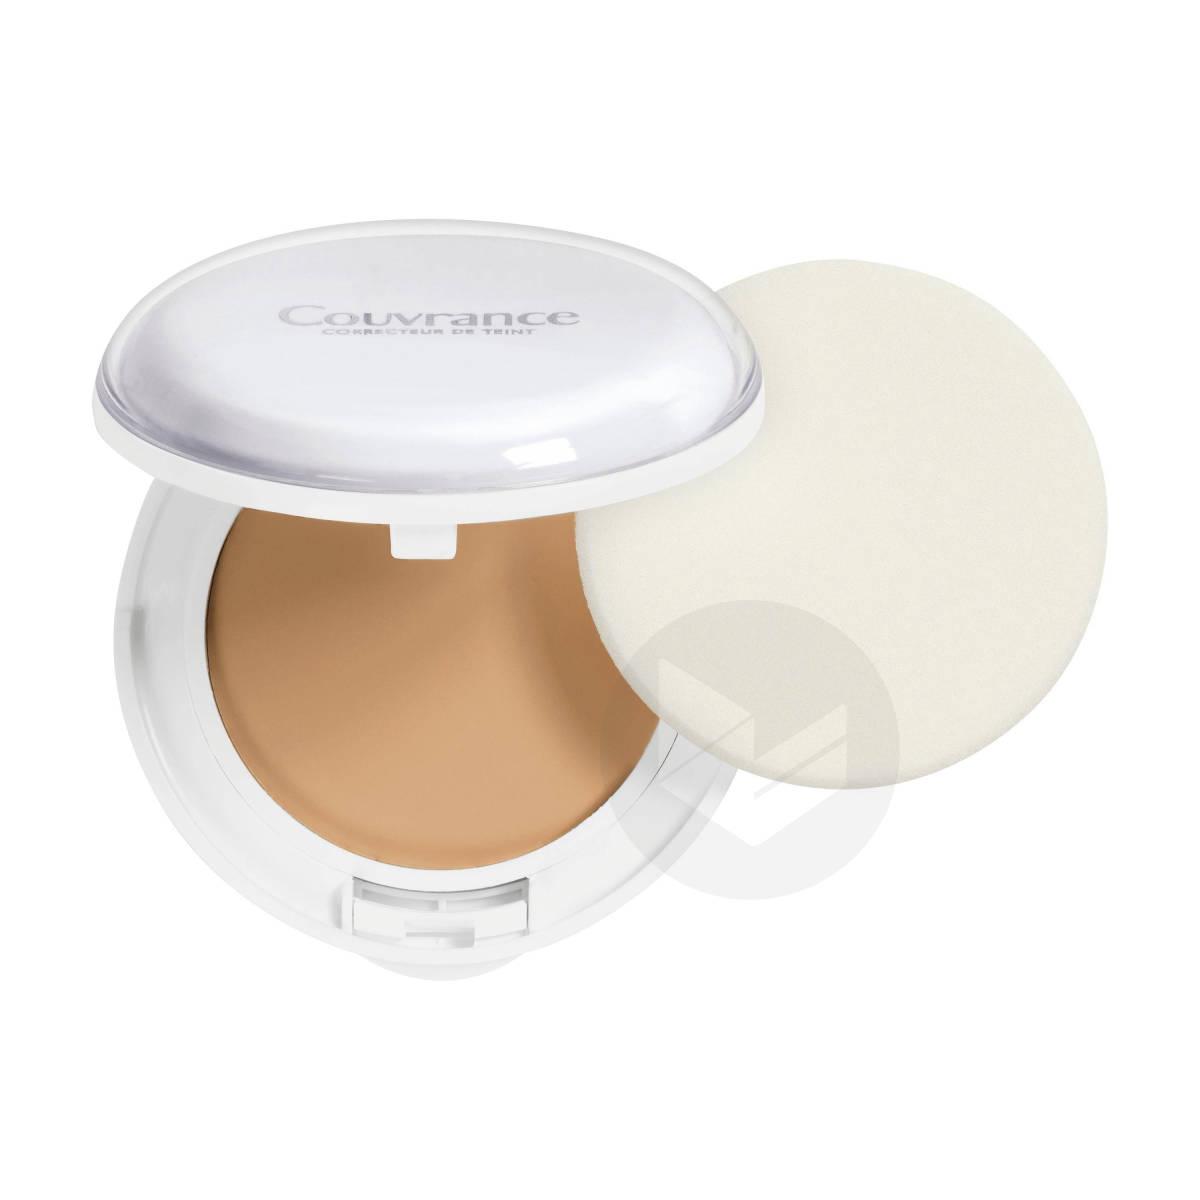 Crème De Teint Compacte Confort Fini Velouté Naturel Miel N°4.0 - Peaux Dorées Et Sensibles 10g